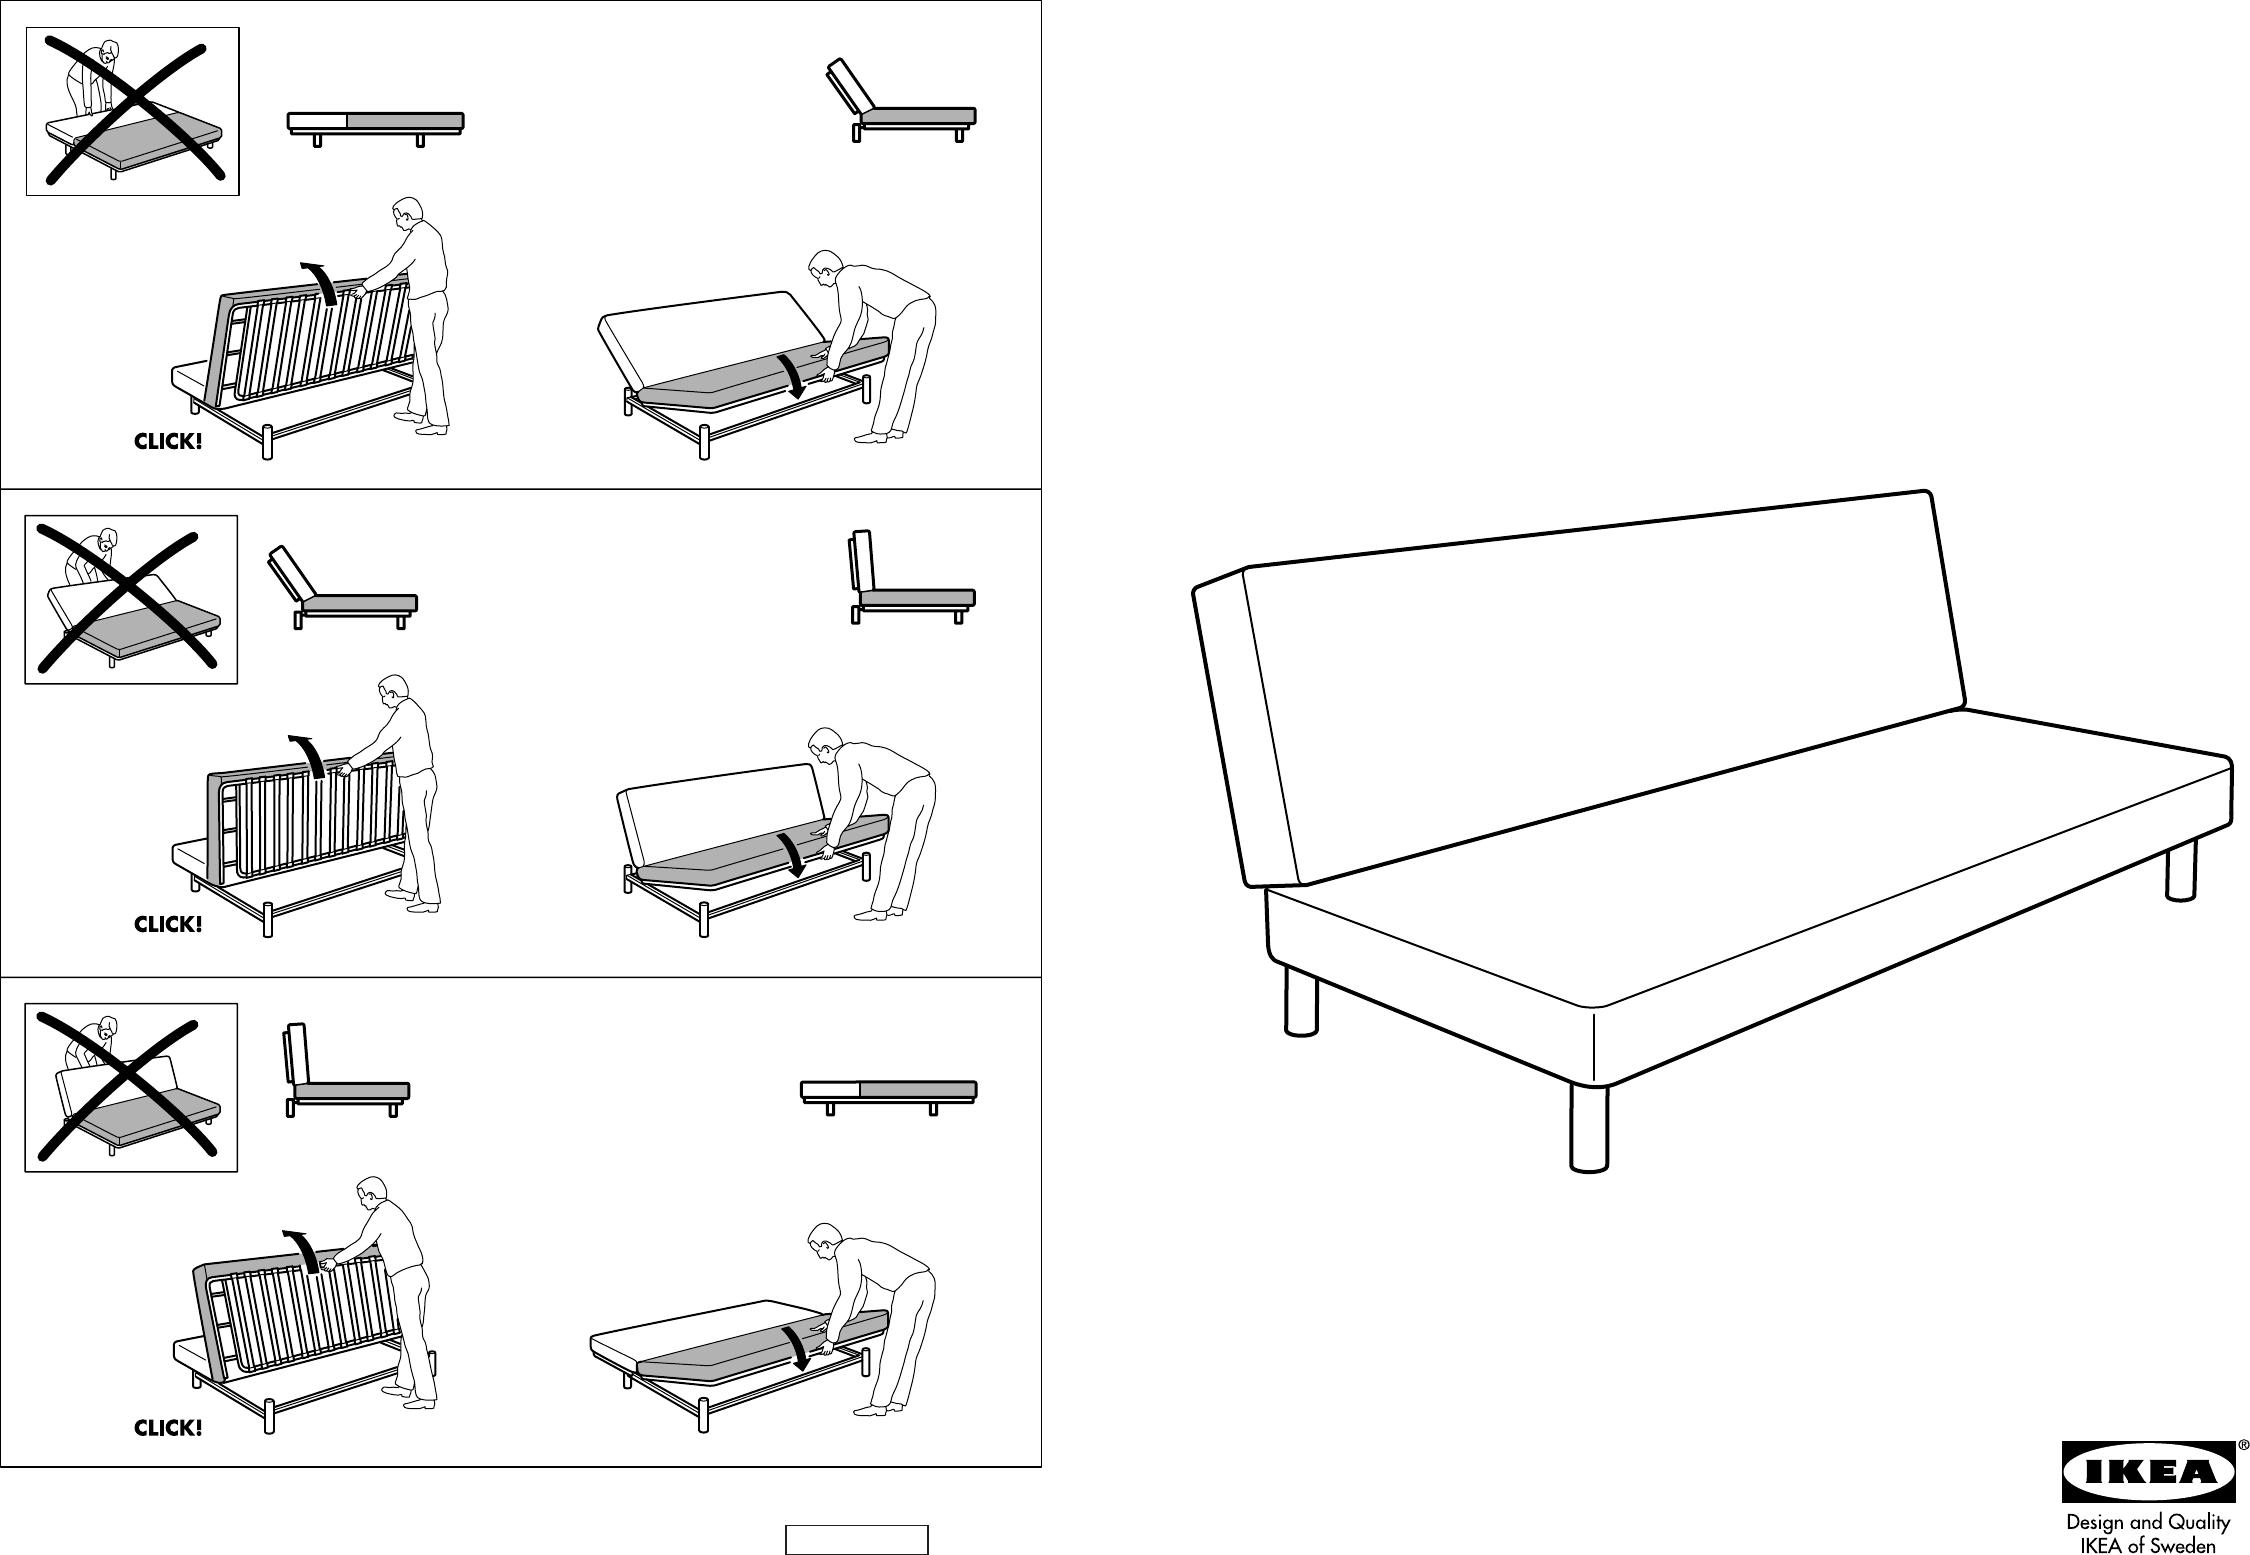 Ikea Beddinge Bedbank.Handleiding Ikea Beddinge Slaapbank Pagina 1 Van 4 Dansk